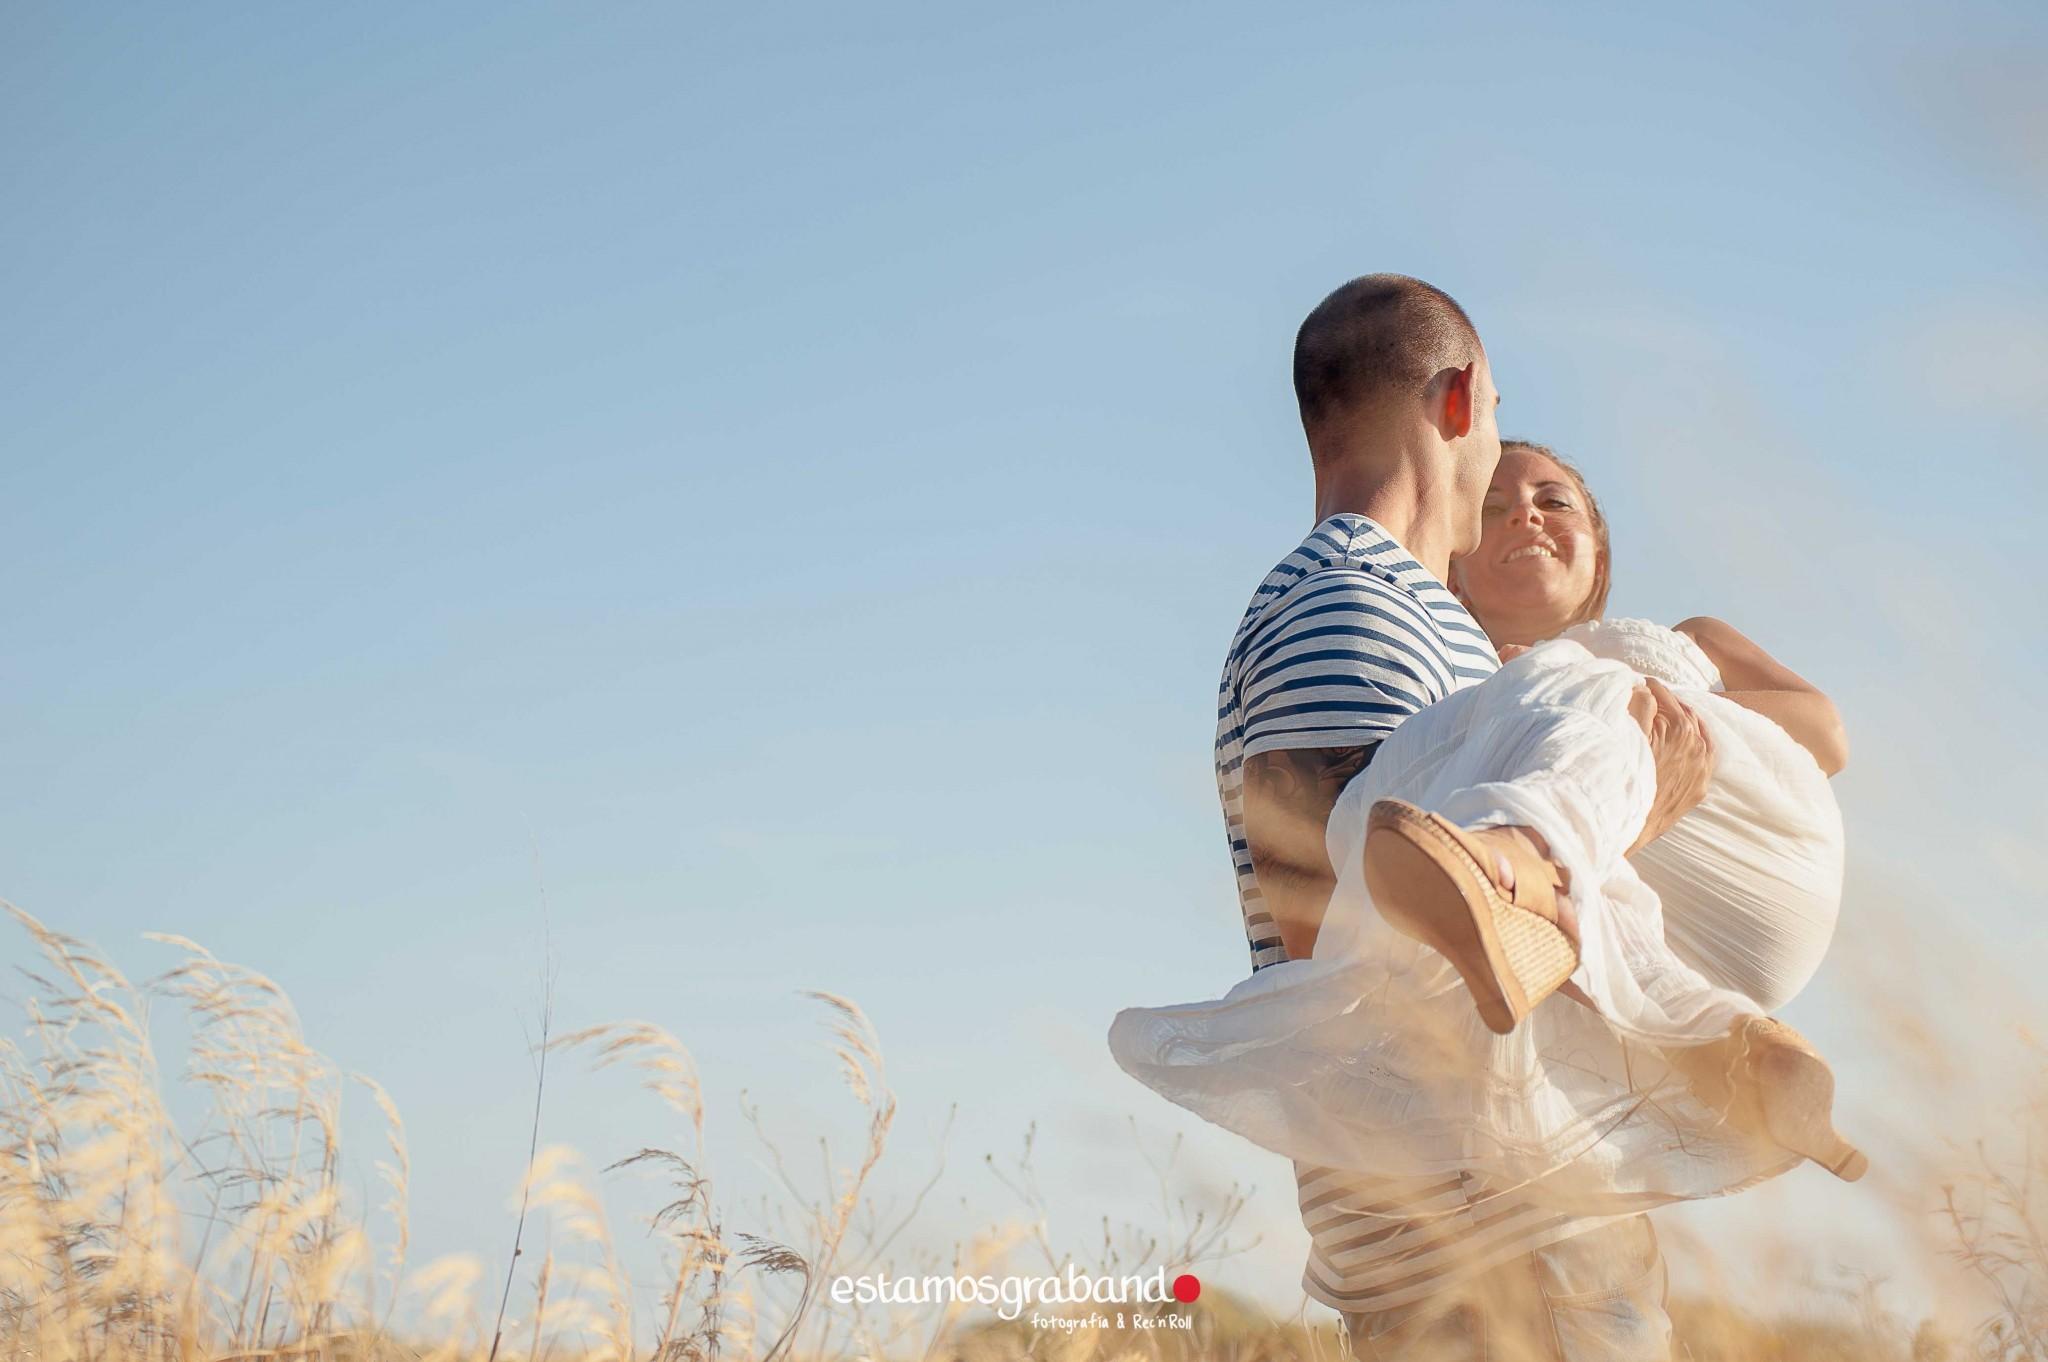 pareja-misteriosa_estamosgrabando-7 Sancti Petri y sus luces [Preboda Raquel & Ale] - video boda cadiz